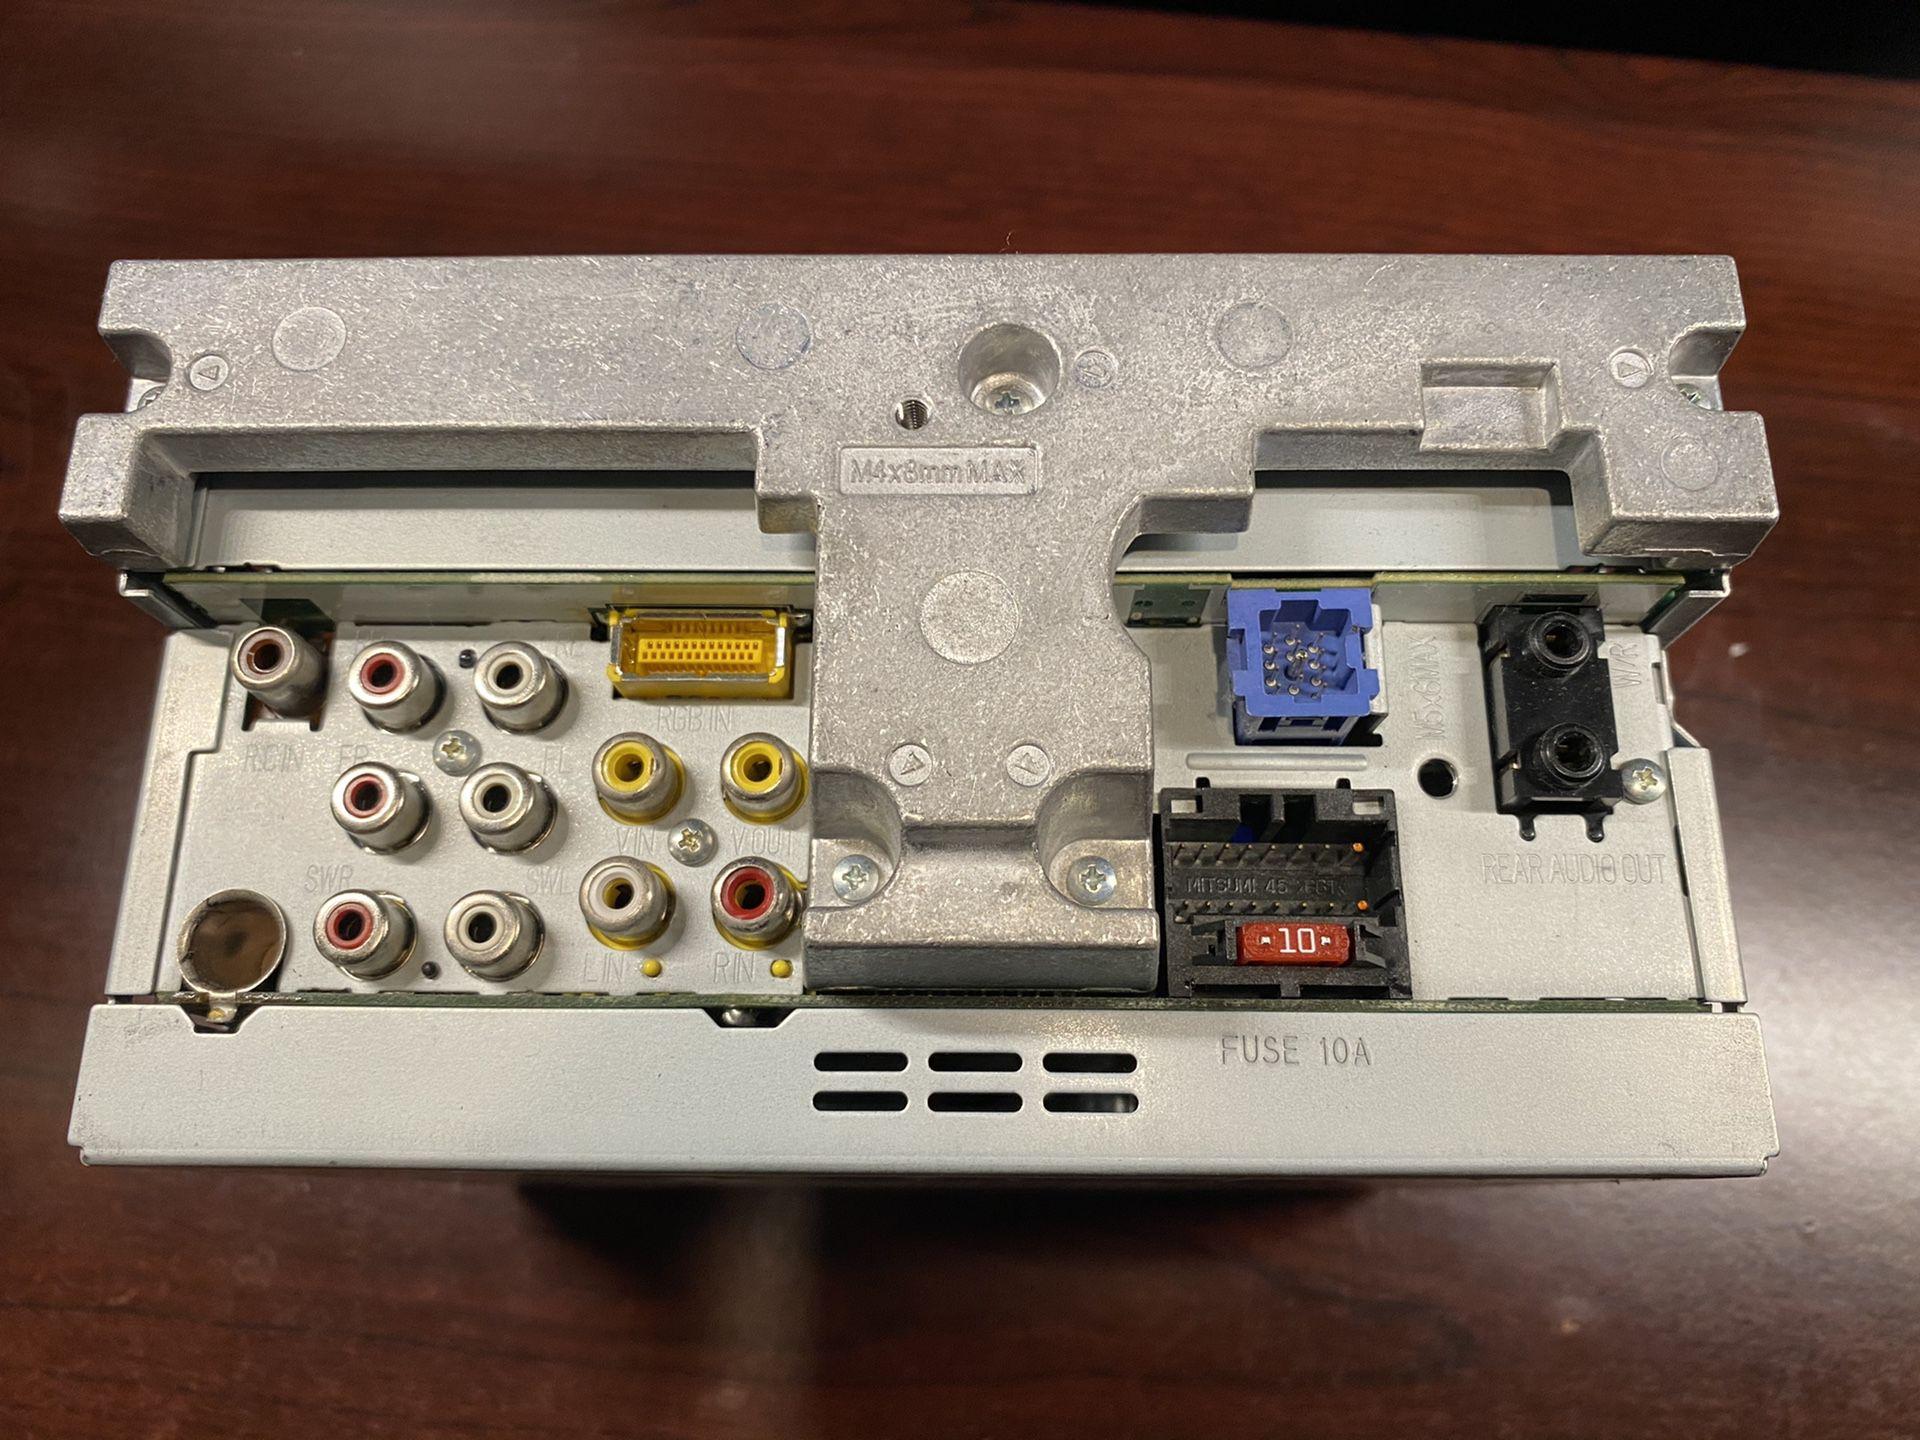 Pioneer AVH-3200DVD double din head unit.